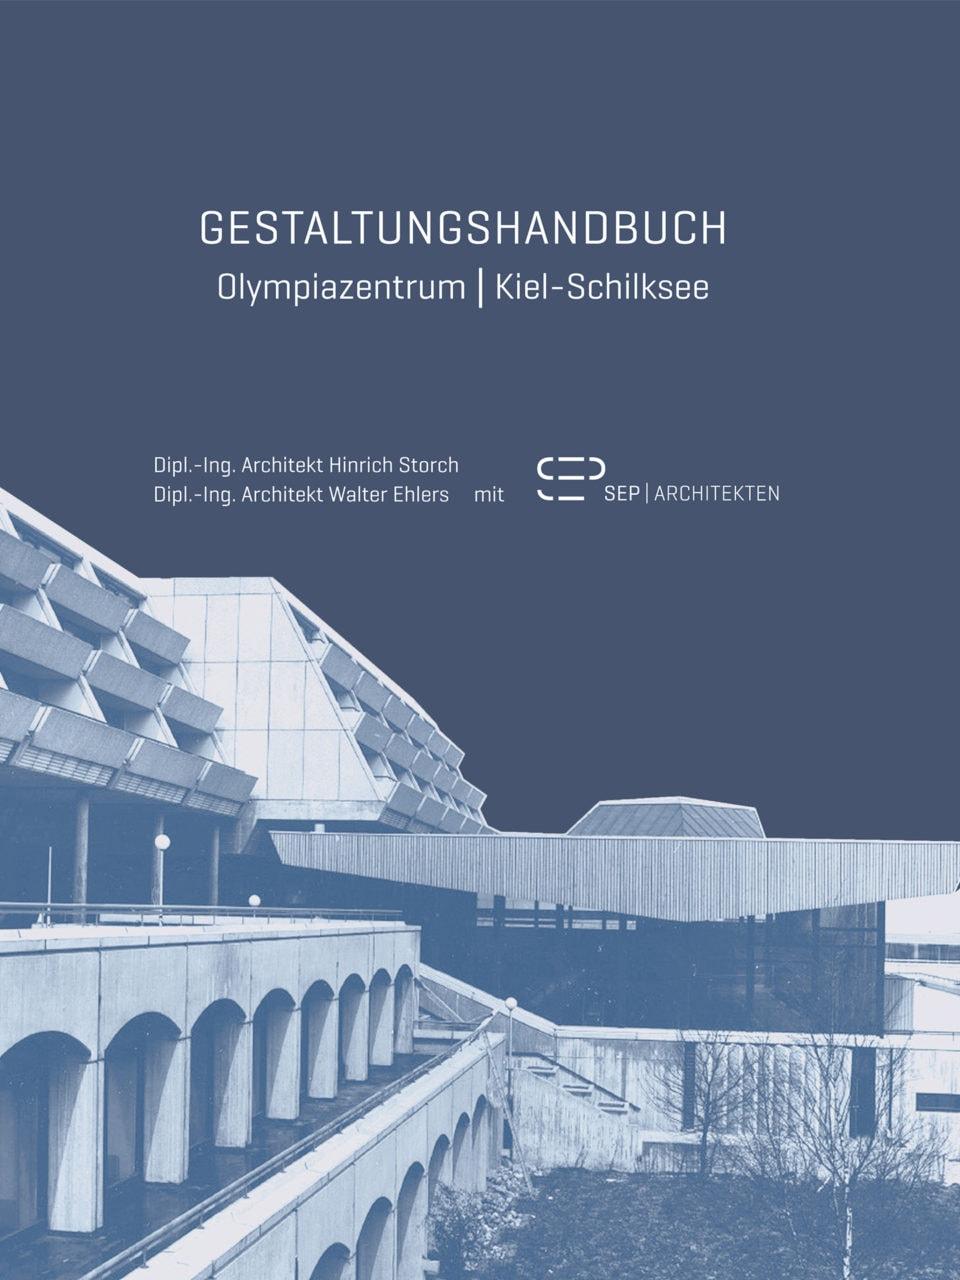 SEP Architekten_Gestaltungshandbuch_Foto Kathrin Albrecht